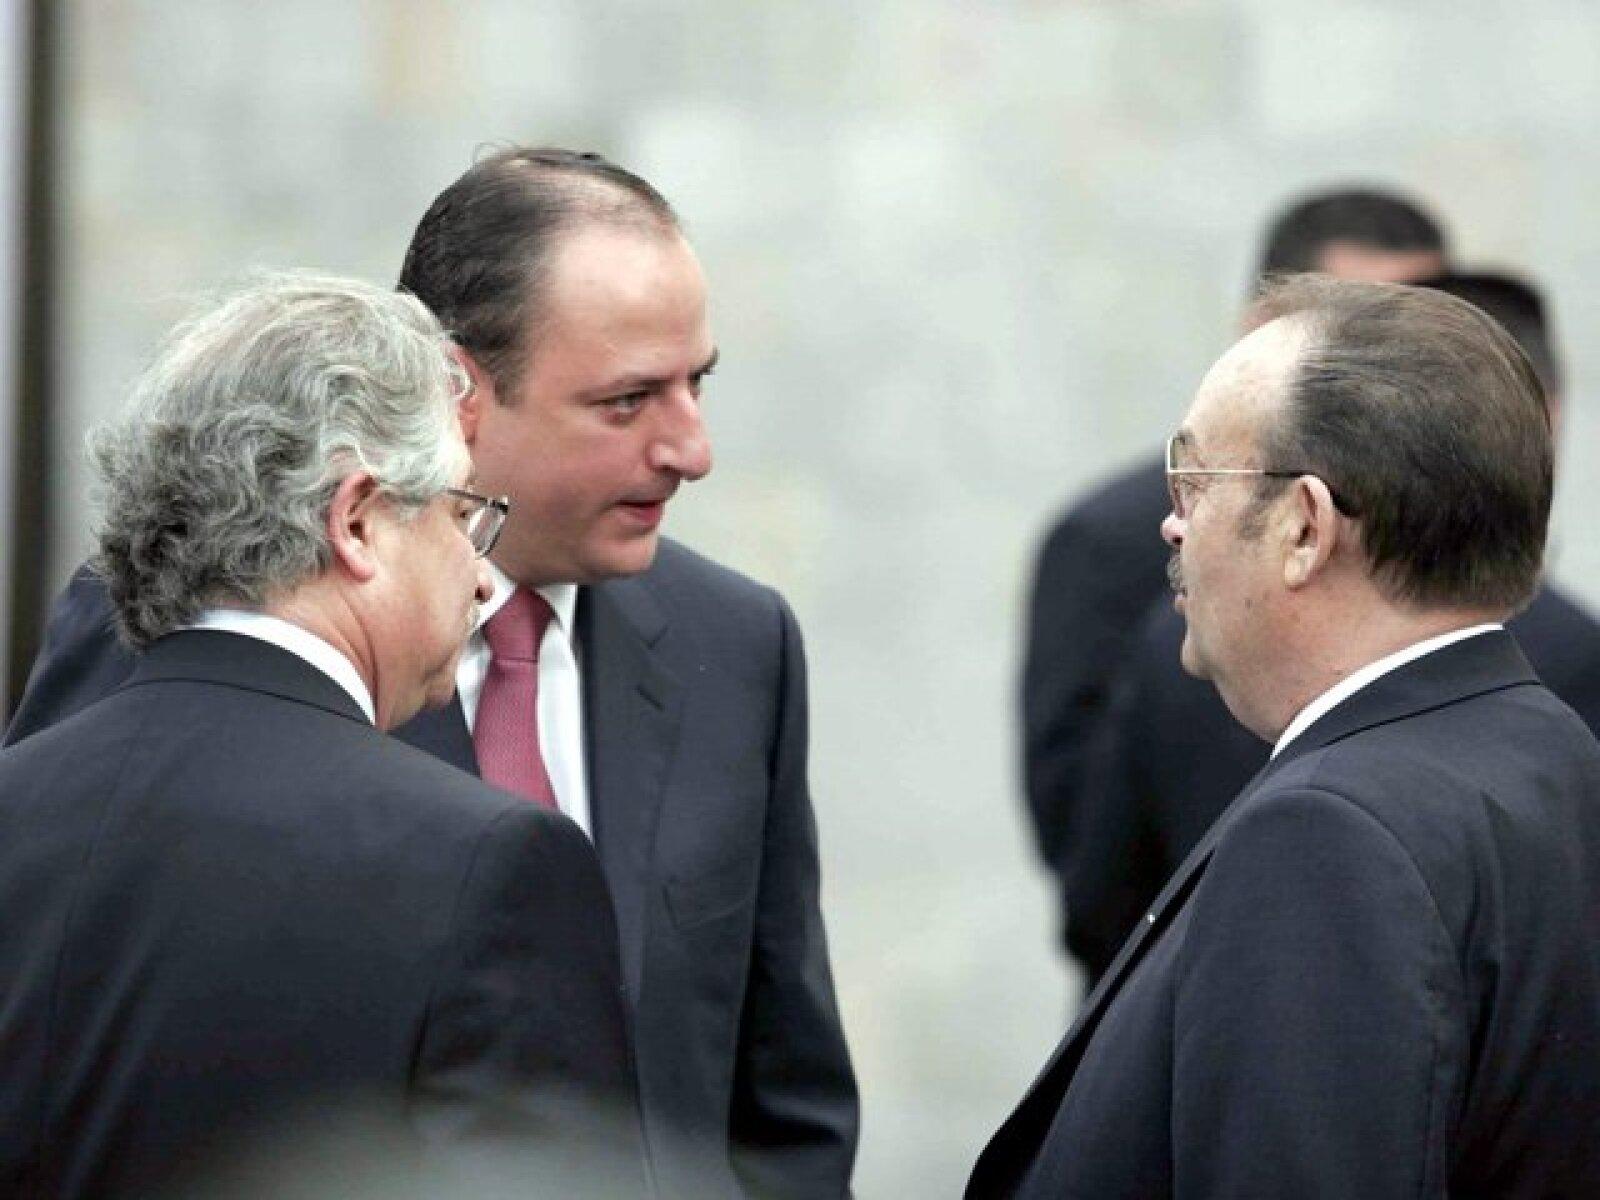 Juan Francisco Ealy Jr. y Mario Vázquez Raña a su llegada a la cena en honor al mandatario estadounidense.